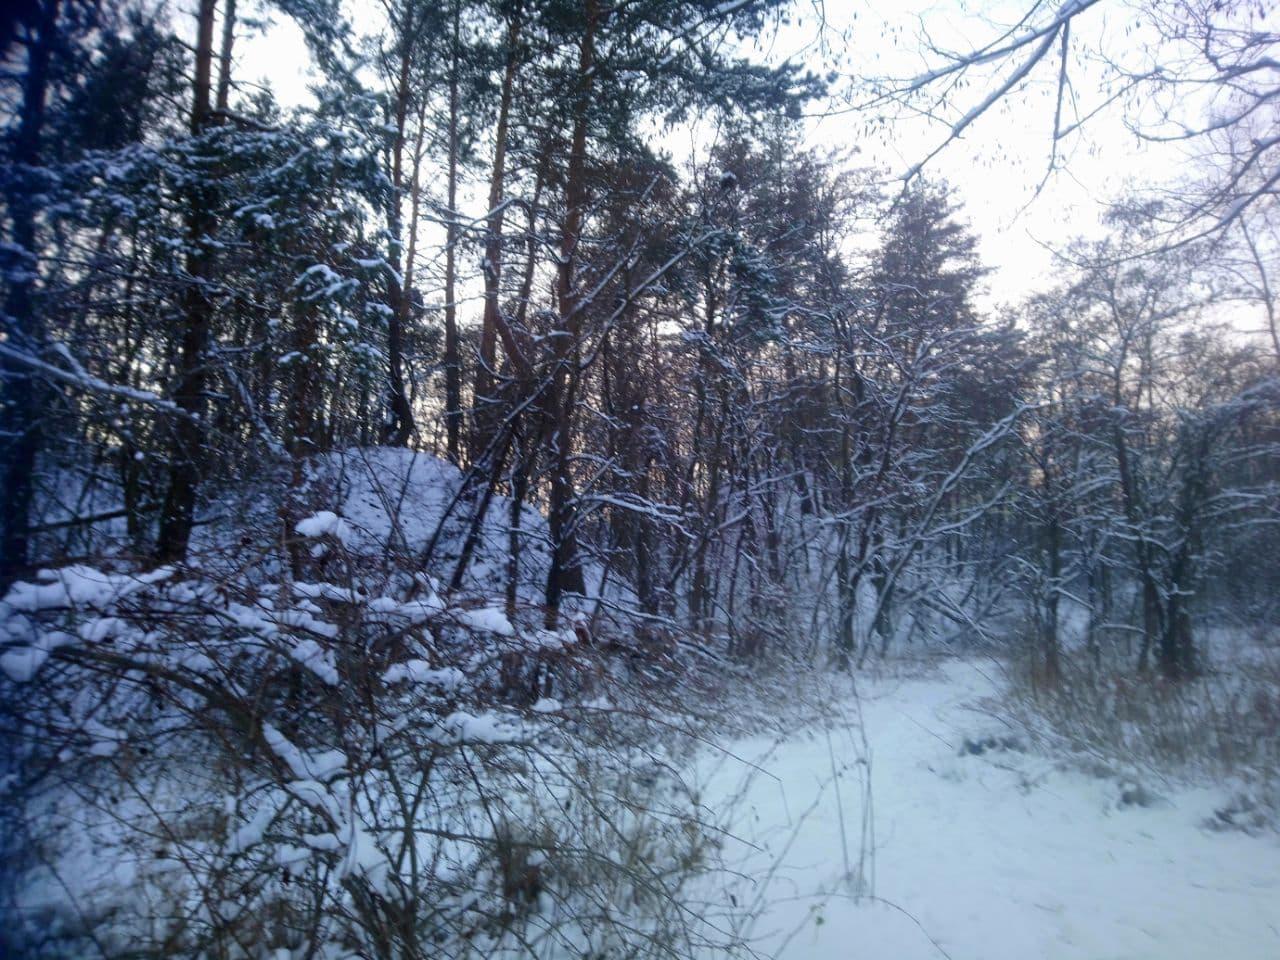 Жовтий рівень небезпеки: 9 лютого негода продовжить «атакувати» Київщину - снігопад, погодні умови, ожеледиця, негода, жовтий рівень небезпеки - photo 2021 02 09 10 22 09